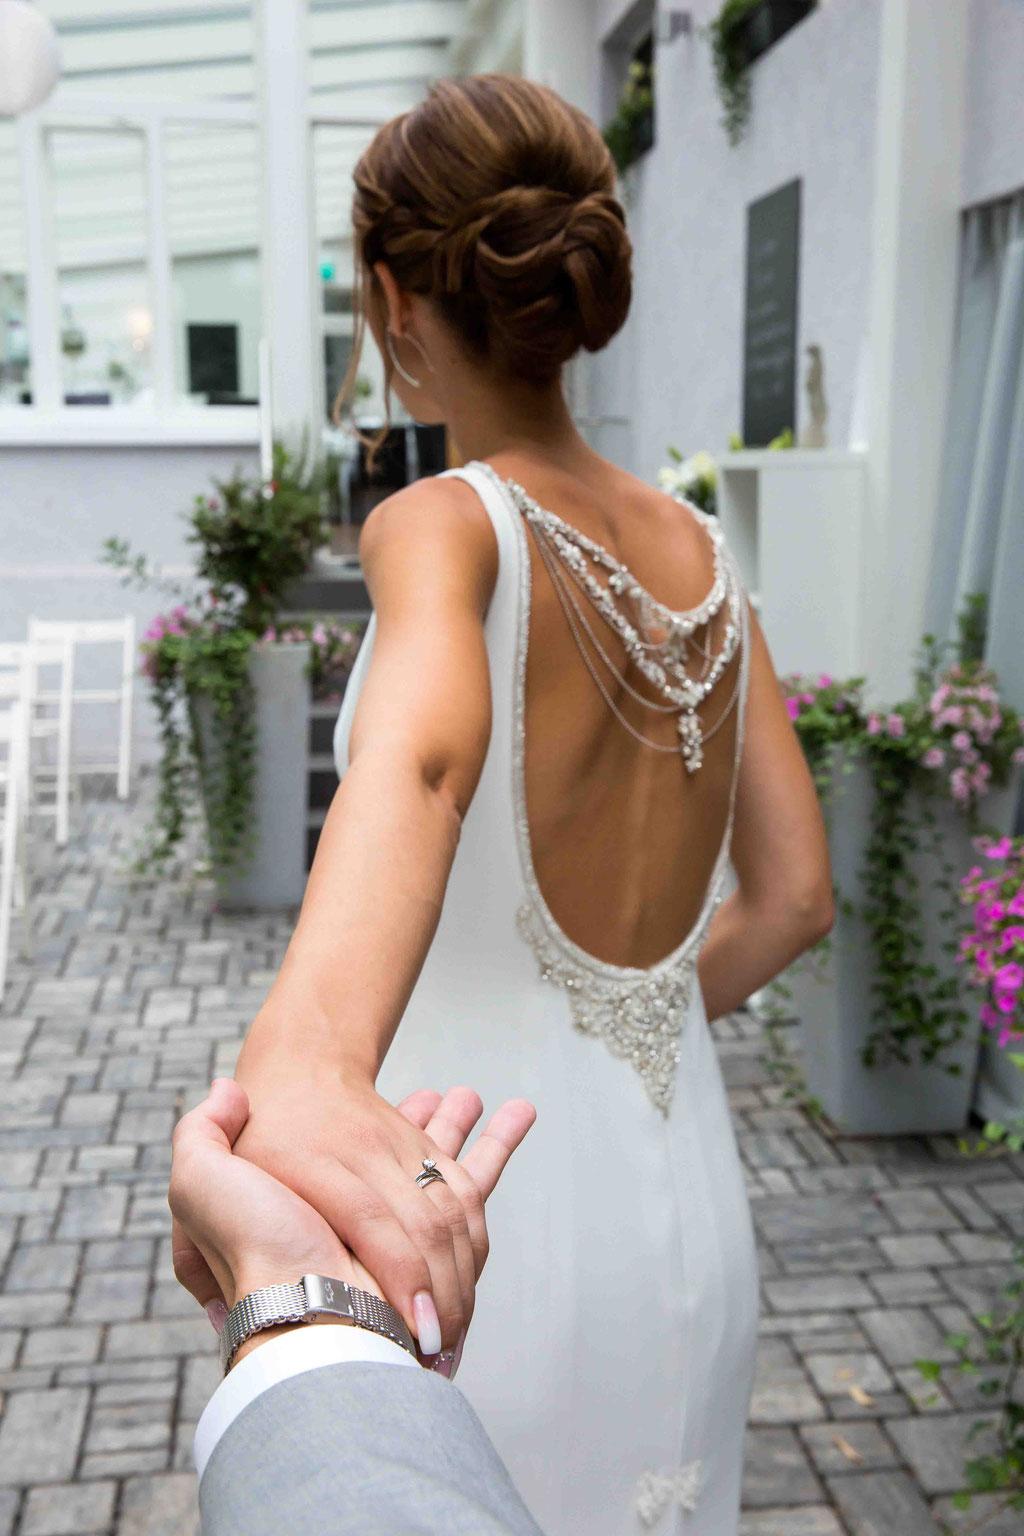 Hochzeitsfotograf, Steffens Herrenmühle - Herrenmühle 4, 3755 Alzenau, Hochzeitsreportage, Hochzeitsfotos, Bräutigam an der Hand, Bildideen für Brautpaare, Hochzeitspaar Bildideen zum sammeln